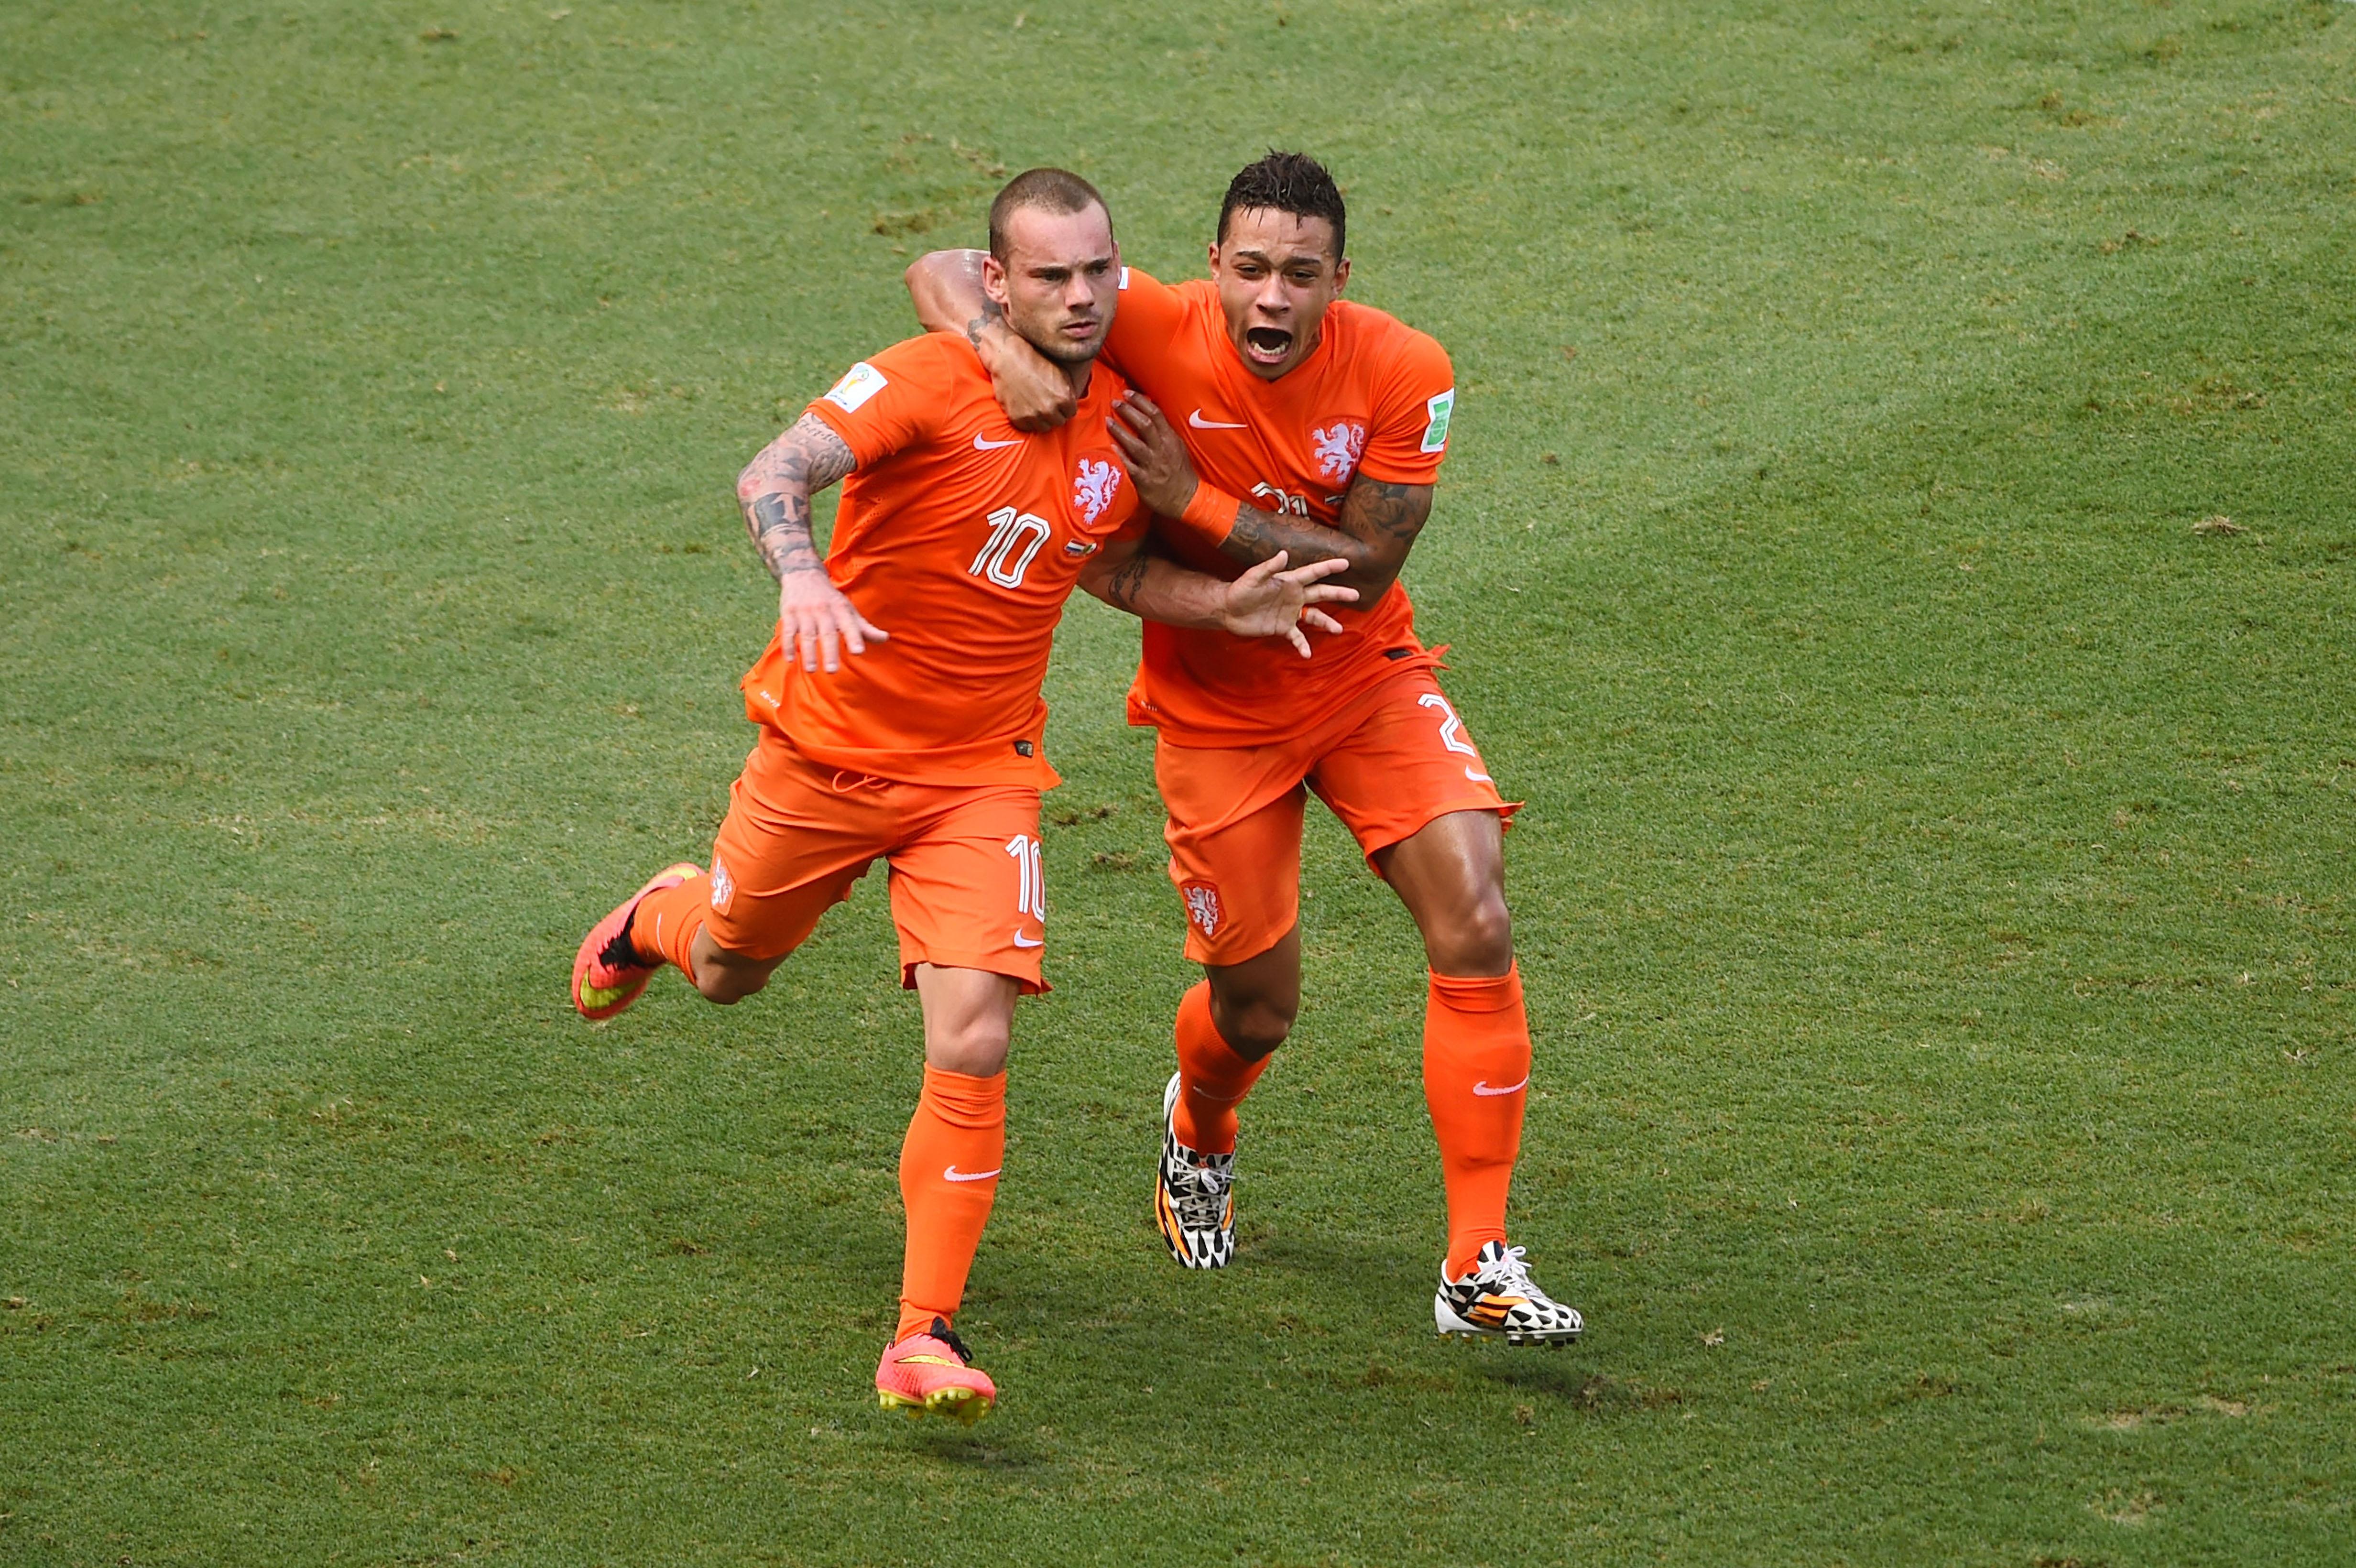 Нидерланды - Мексика 2:1. Мундиаль, ты слишком жесток - изображение 4